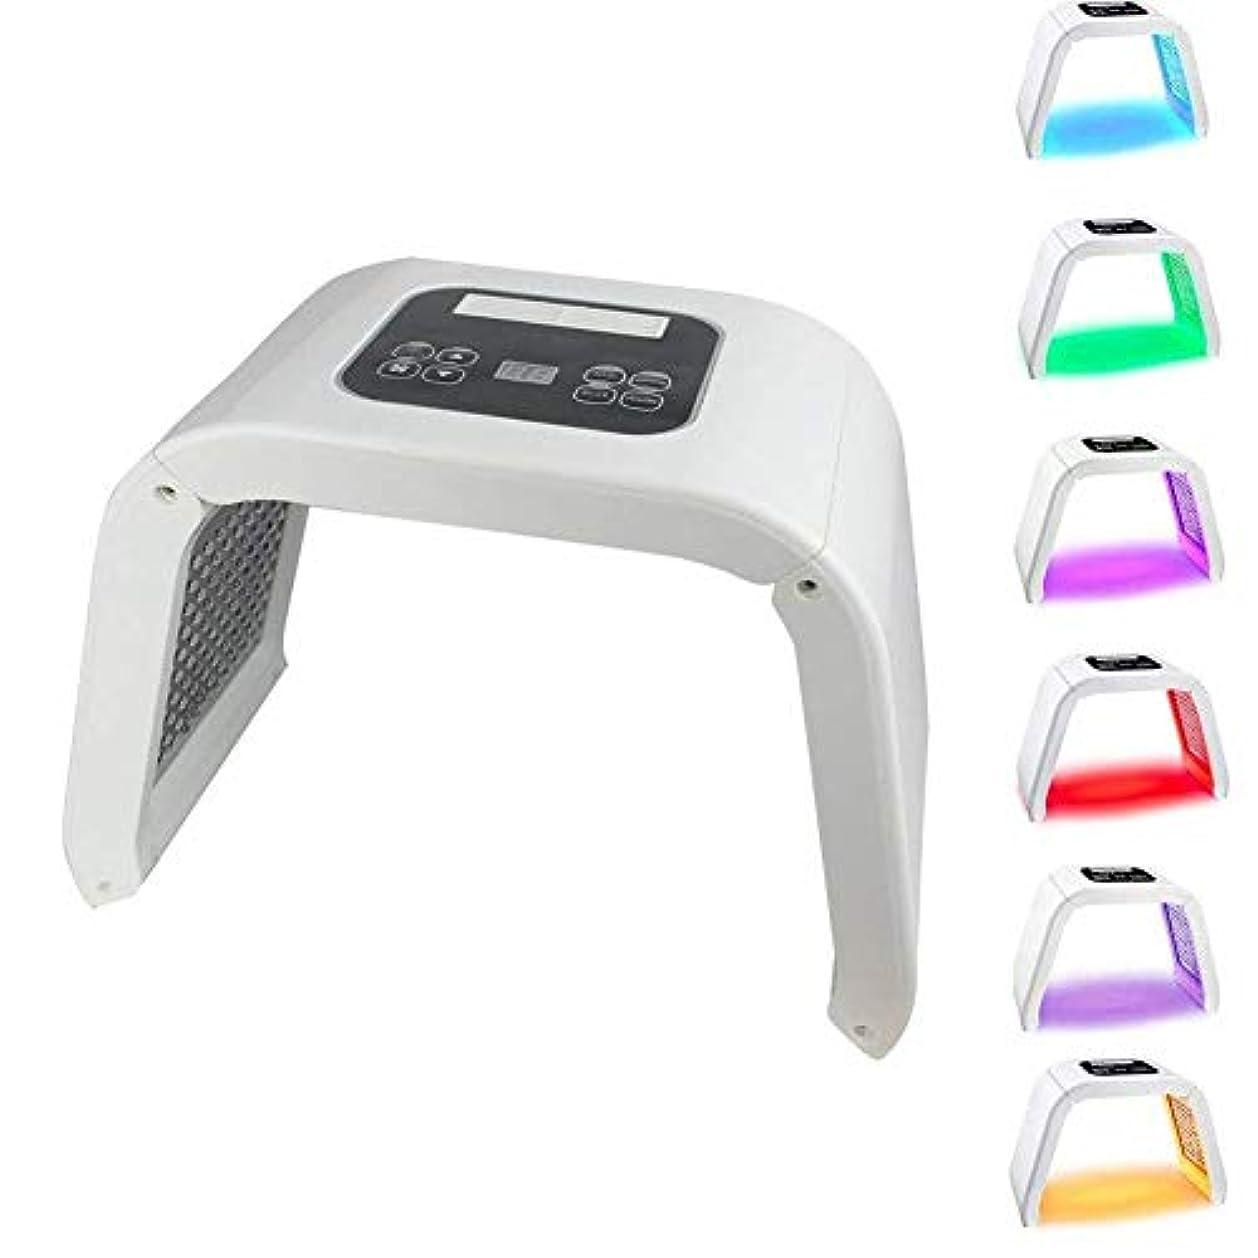 リハーサル薬理学準備する7色はライトPDT美容機をマスクLED、肌の若返りLED機器スキンはホームサロン使うスキンケアのツールでは、顔のしわ除去アンチエイジングフェイシャルケア美容機を締め